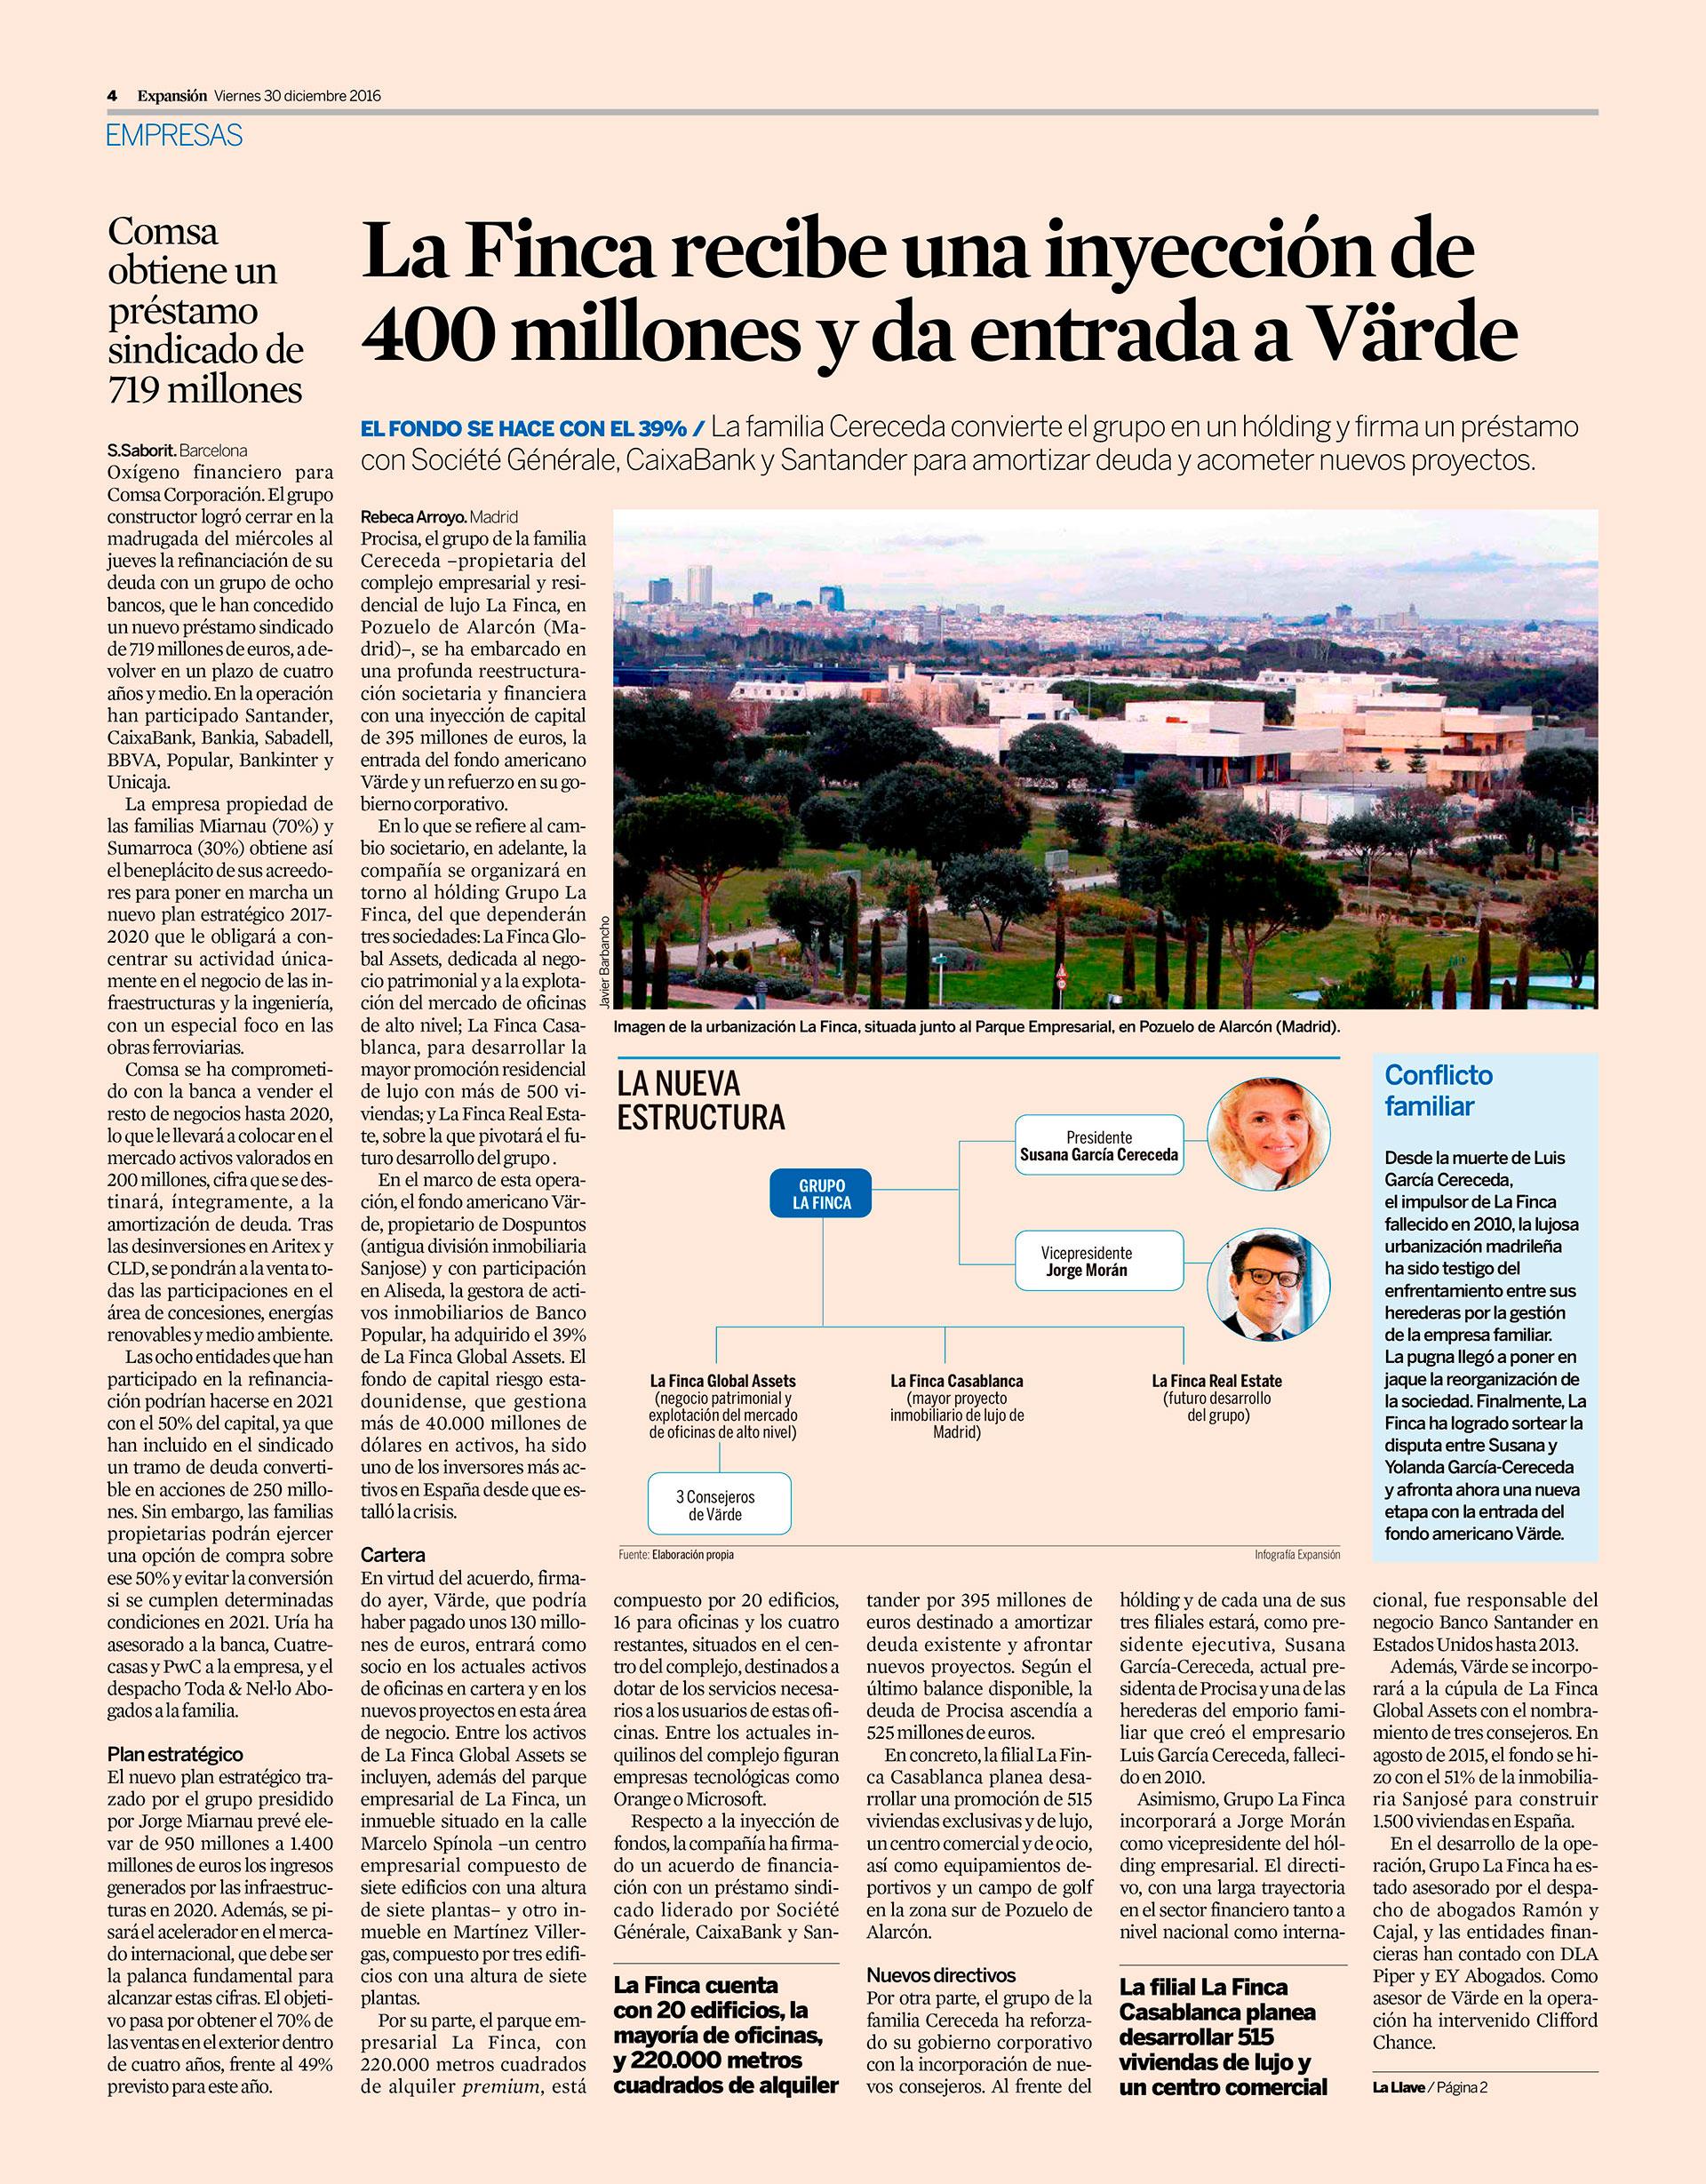 LAFINCA recibe una inyección de 400 millones